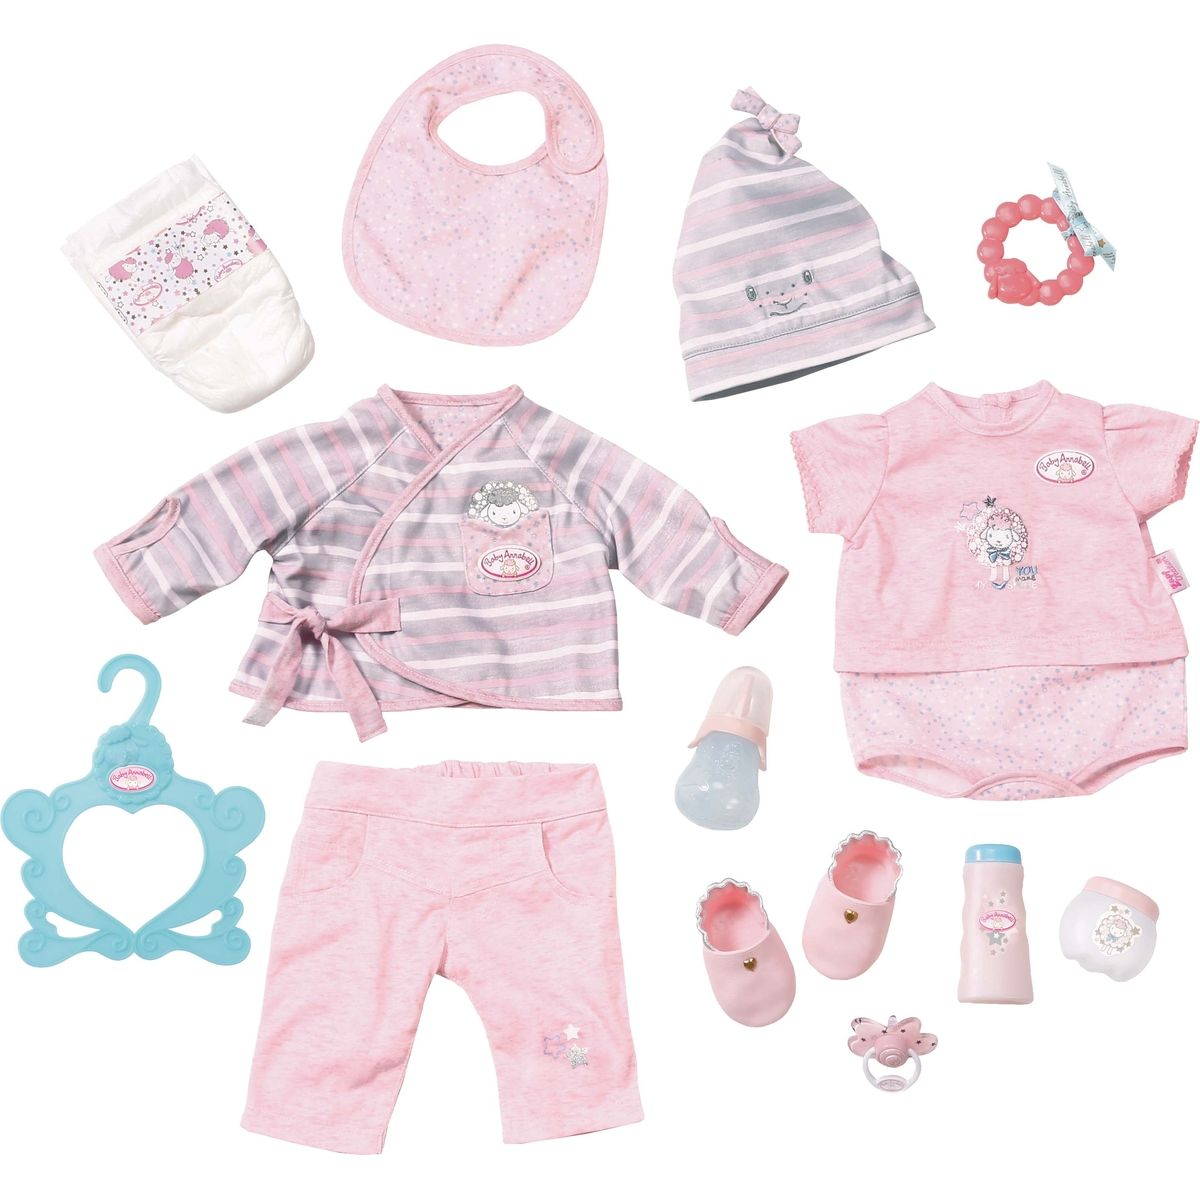 Baby Annabell Výbavička Deluxe pro panenku